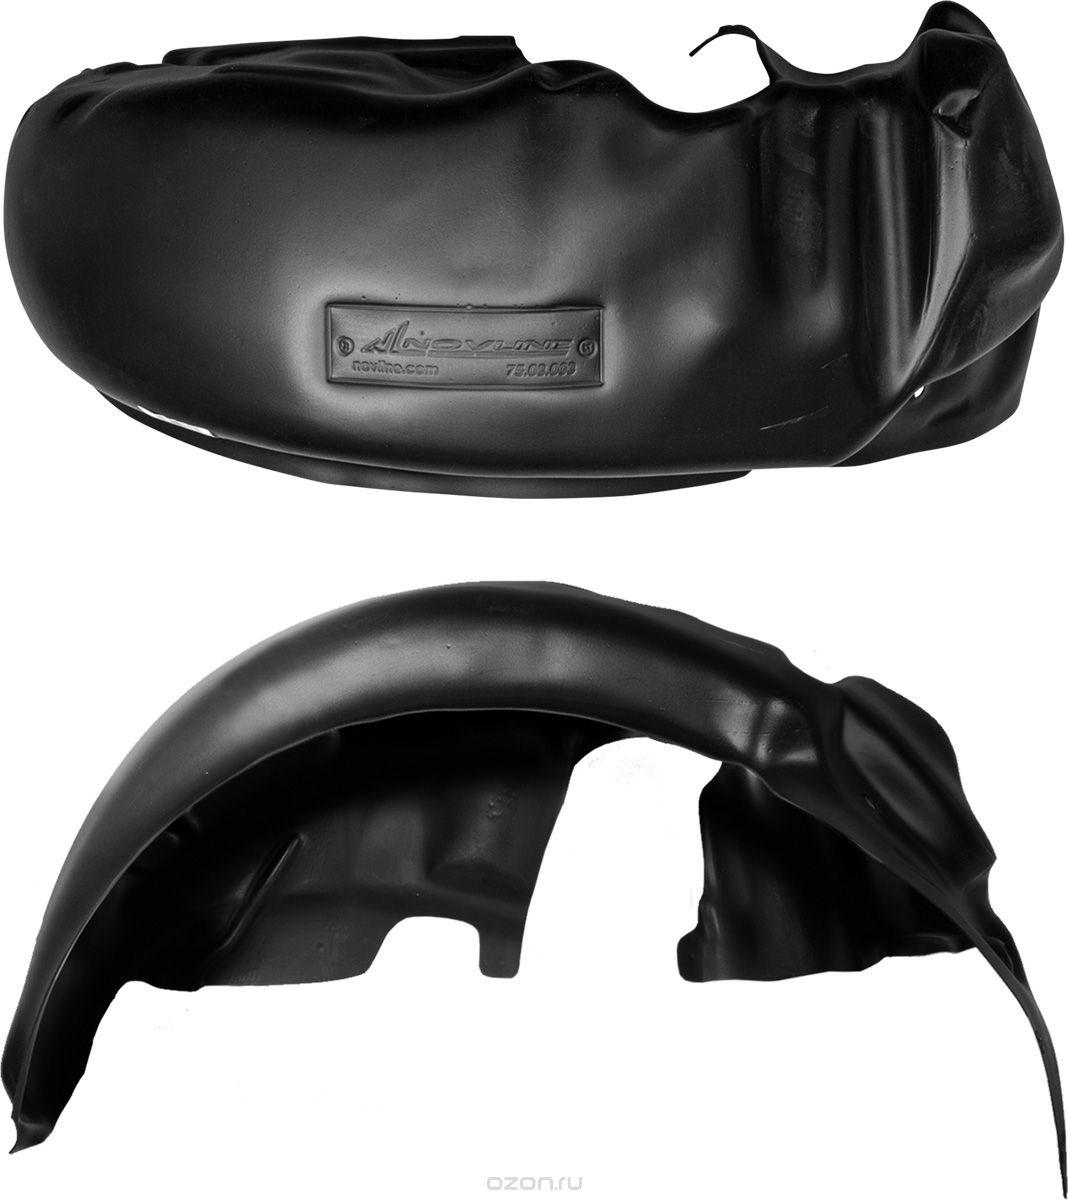 Подкрылок Novline-Autofamily, для MERCEDES-BENZ Sprinter Classic, 2013->, W905 без отопителя салона, передний левыйNLL.34.01.001Идеальная защита колесной ниши. Локеры разработаны с применением цифровых технологий, гарантируют максимальную повторяемость поверхности арки. Изделия устанавливаются без нарушения лакокрасочного покрытия автомобиля, каждый подкрылок комплектуется крепежом. Уважаемые клиенты, обращаем ваше внимание, что фотографии на подкрылки универсальные и не отражают реальную форму изделия. При этом само изделие идет точно под размер указанного автомобиля.